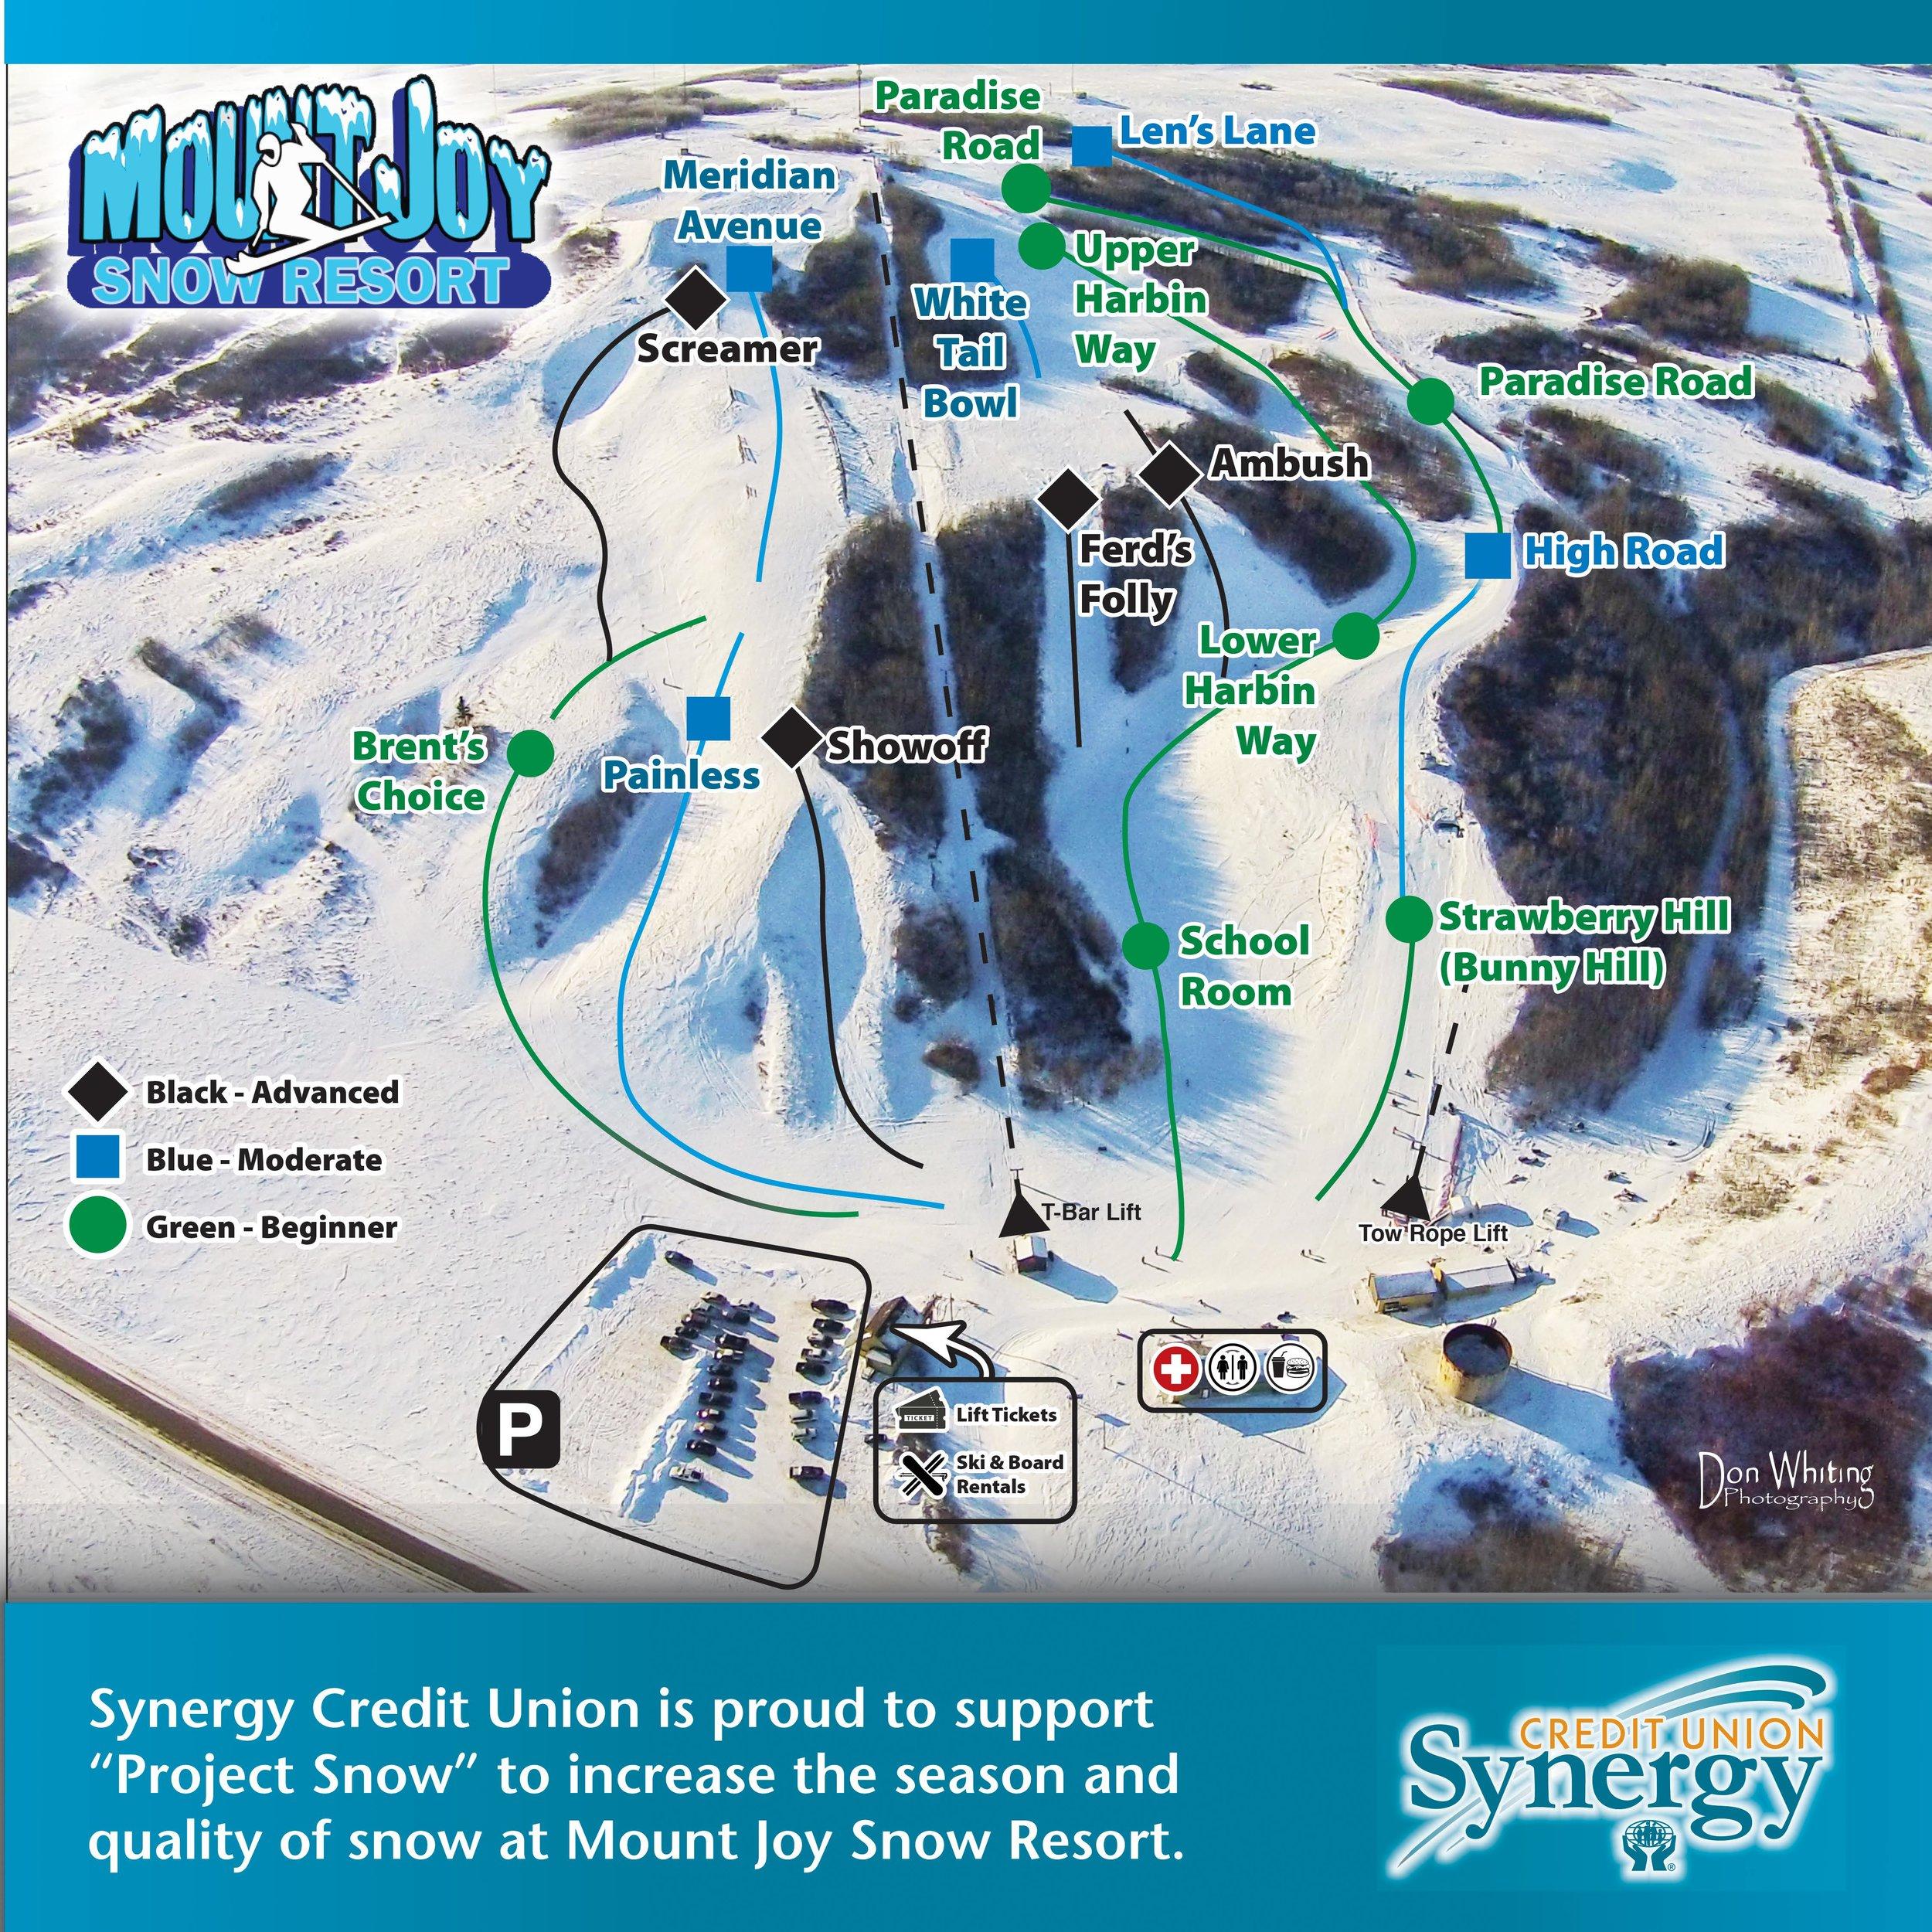 MountJoySign-NEW.jpg